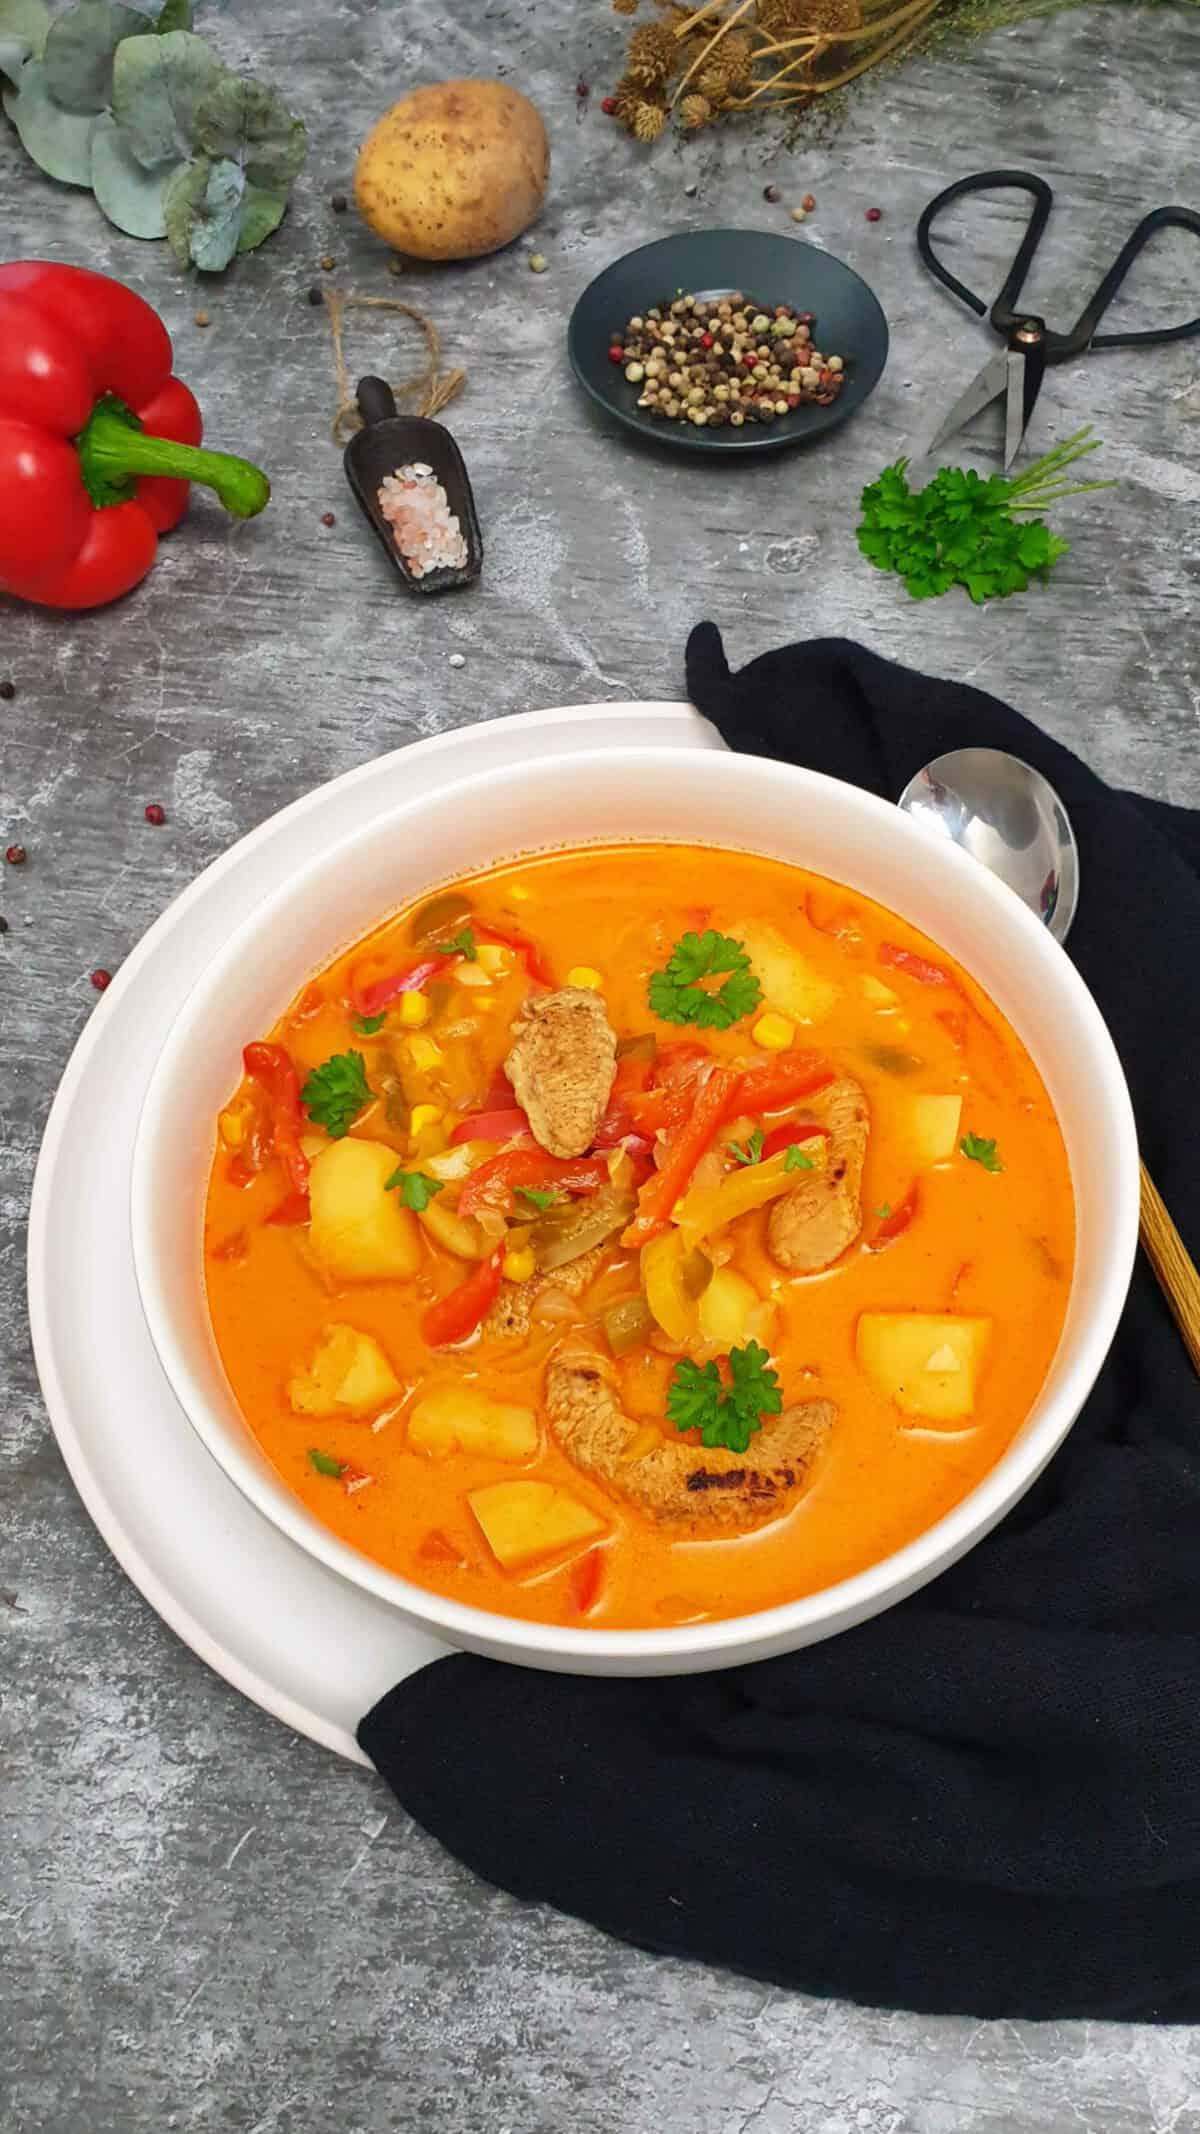 In einer weißen Schale angerichtet Gyros-Suppe mit Kartoffeln, Hähnchen und Paprika. Im Hintergrund Deko.